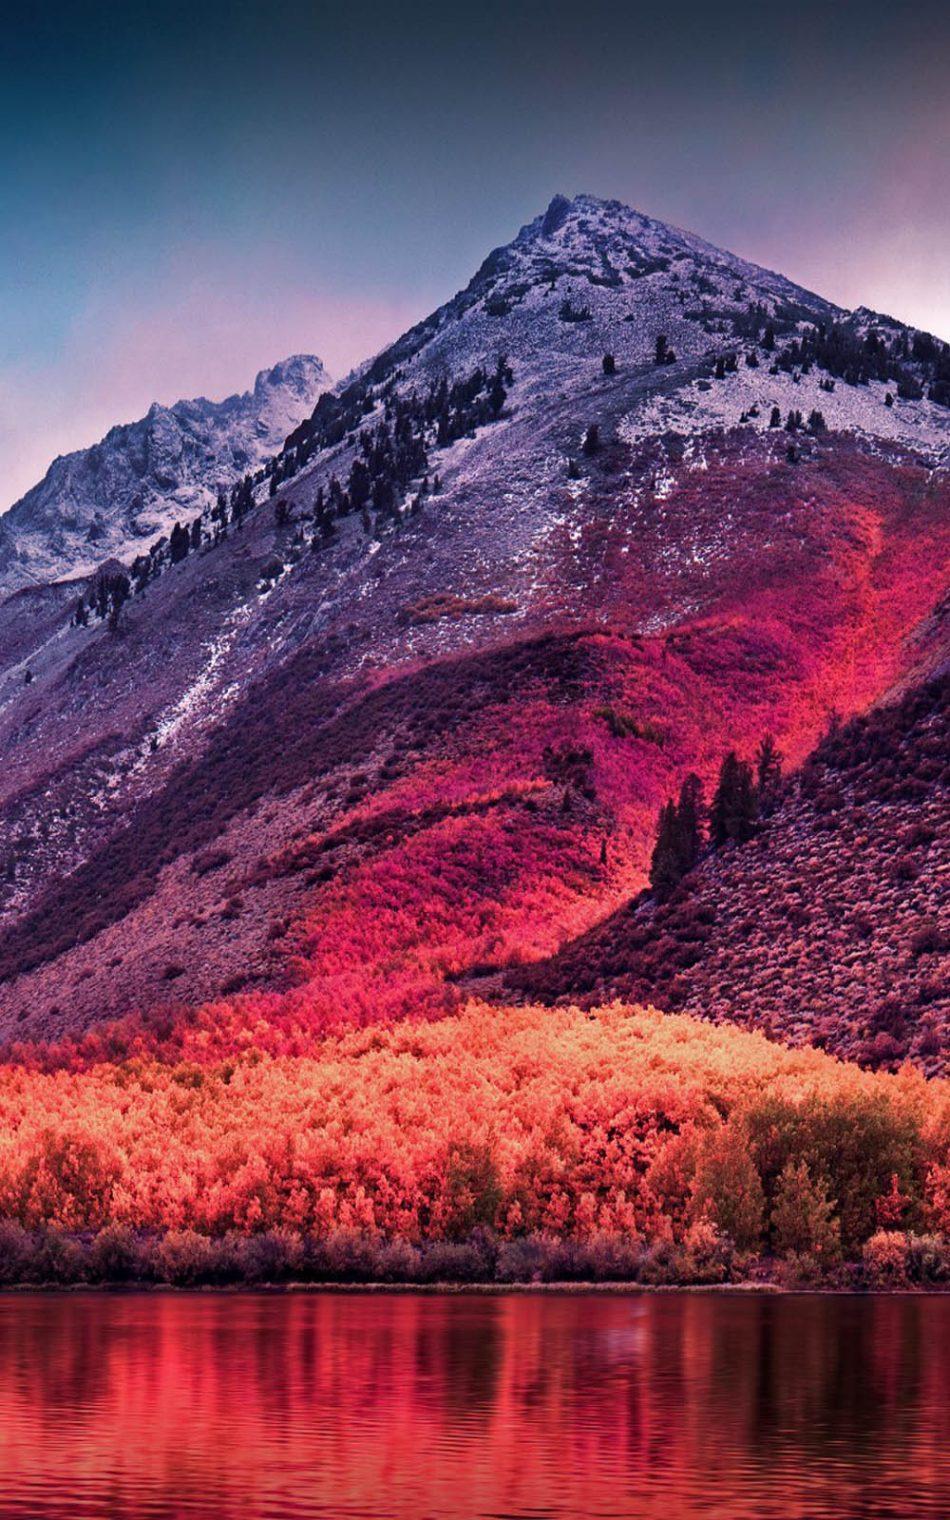 Sierra Nevada Mountains Landscape Hd Mobile Wallpaper - 4k ...